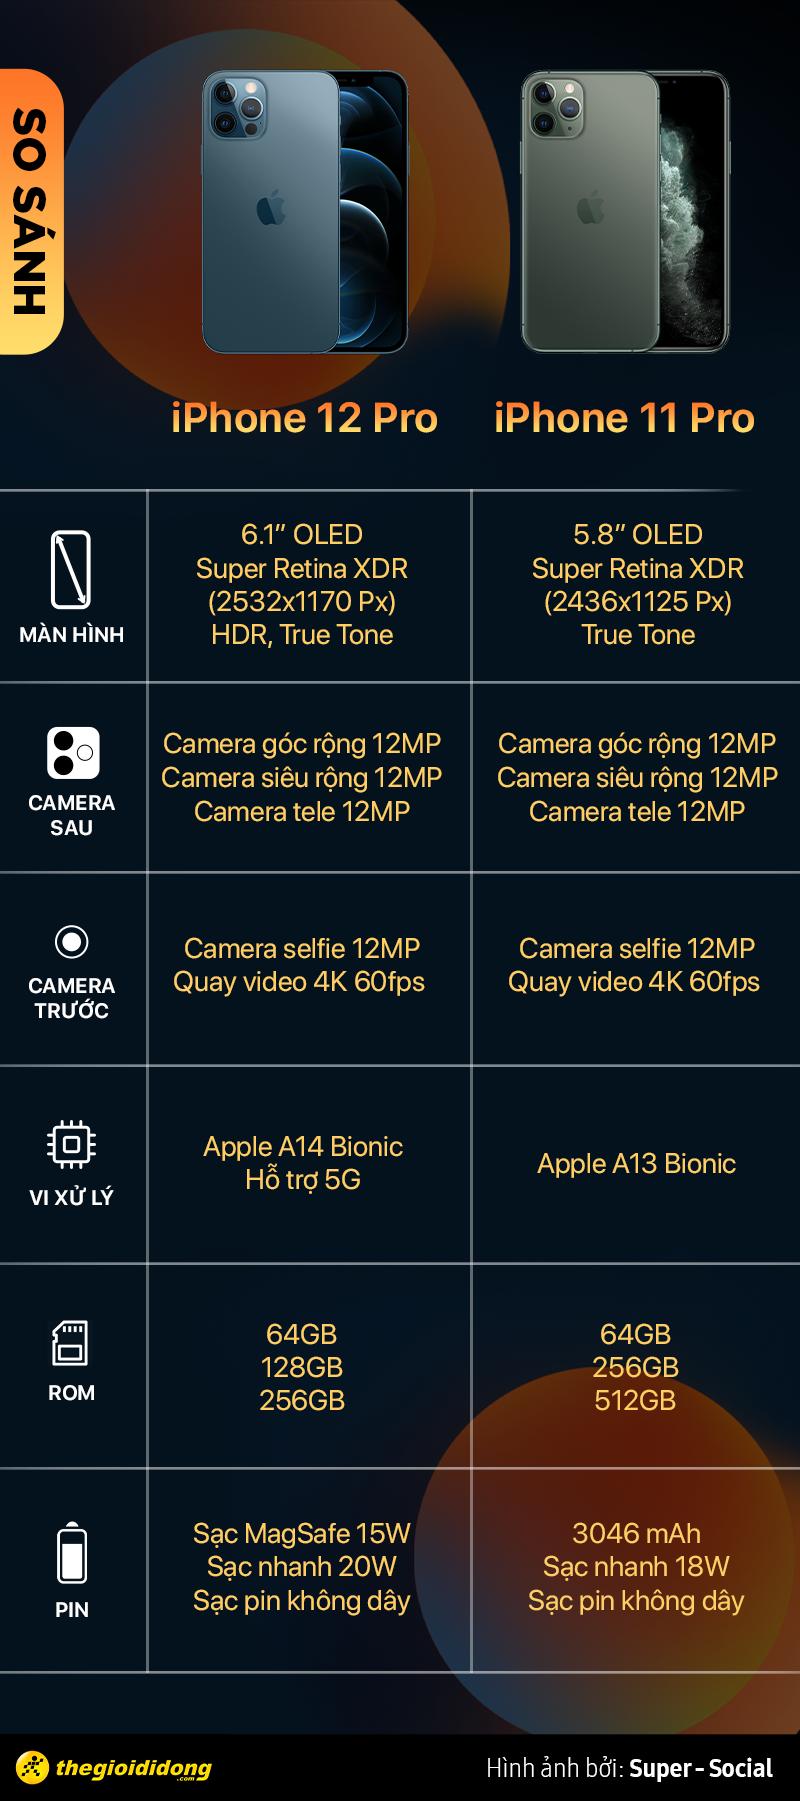 Bảng so sánh iPhone 12 Pro và iPhone 11 Pro